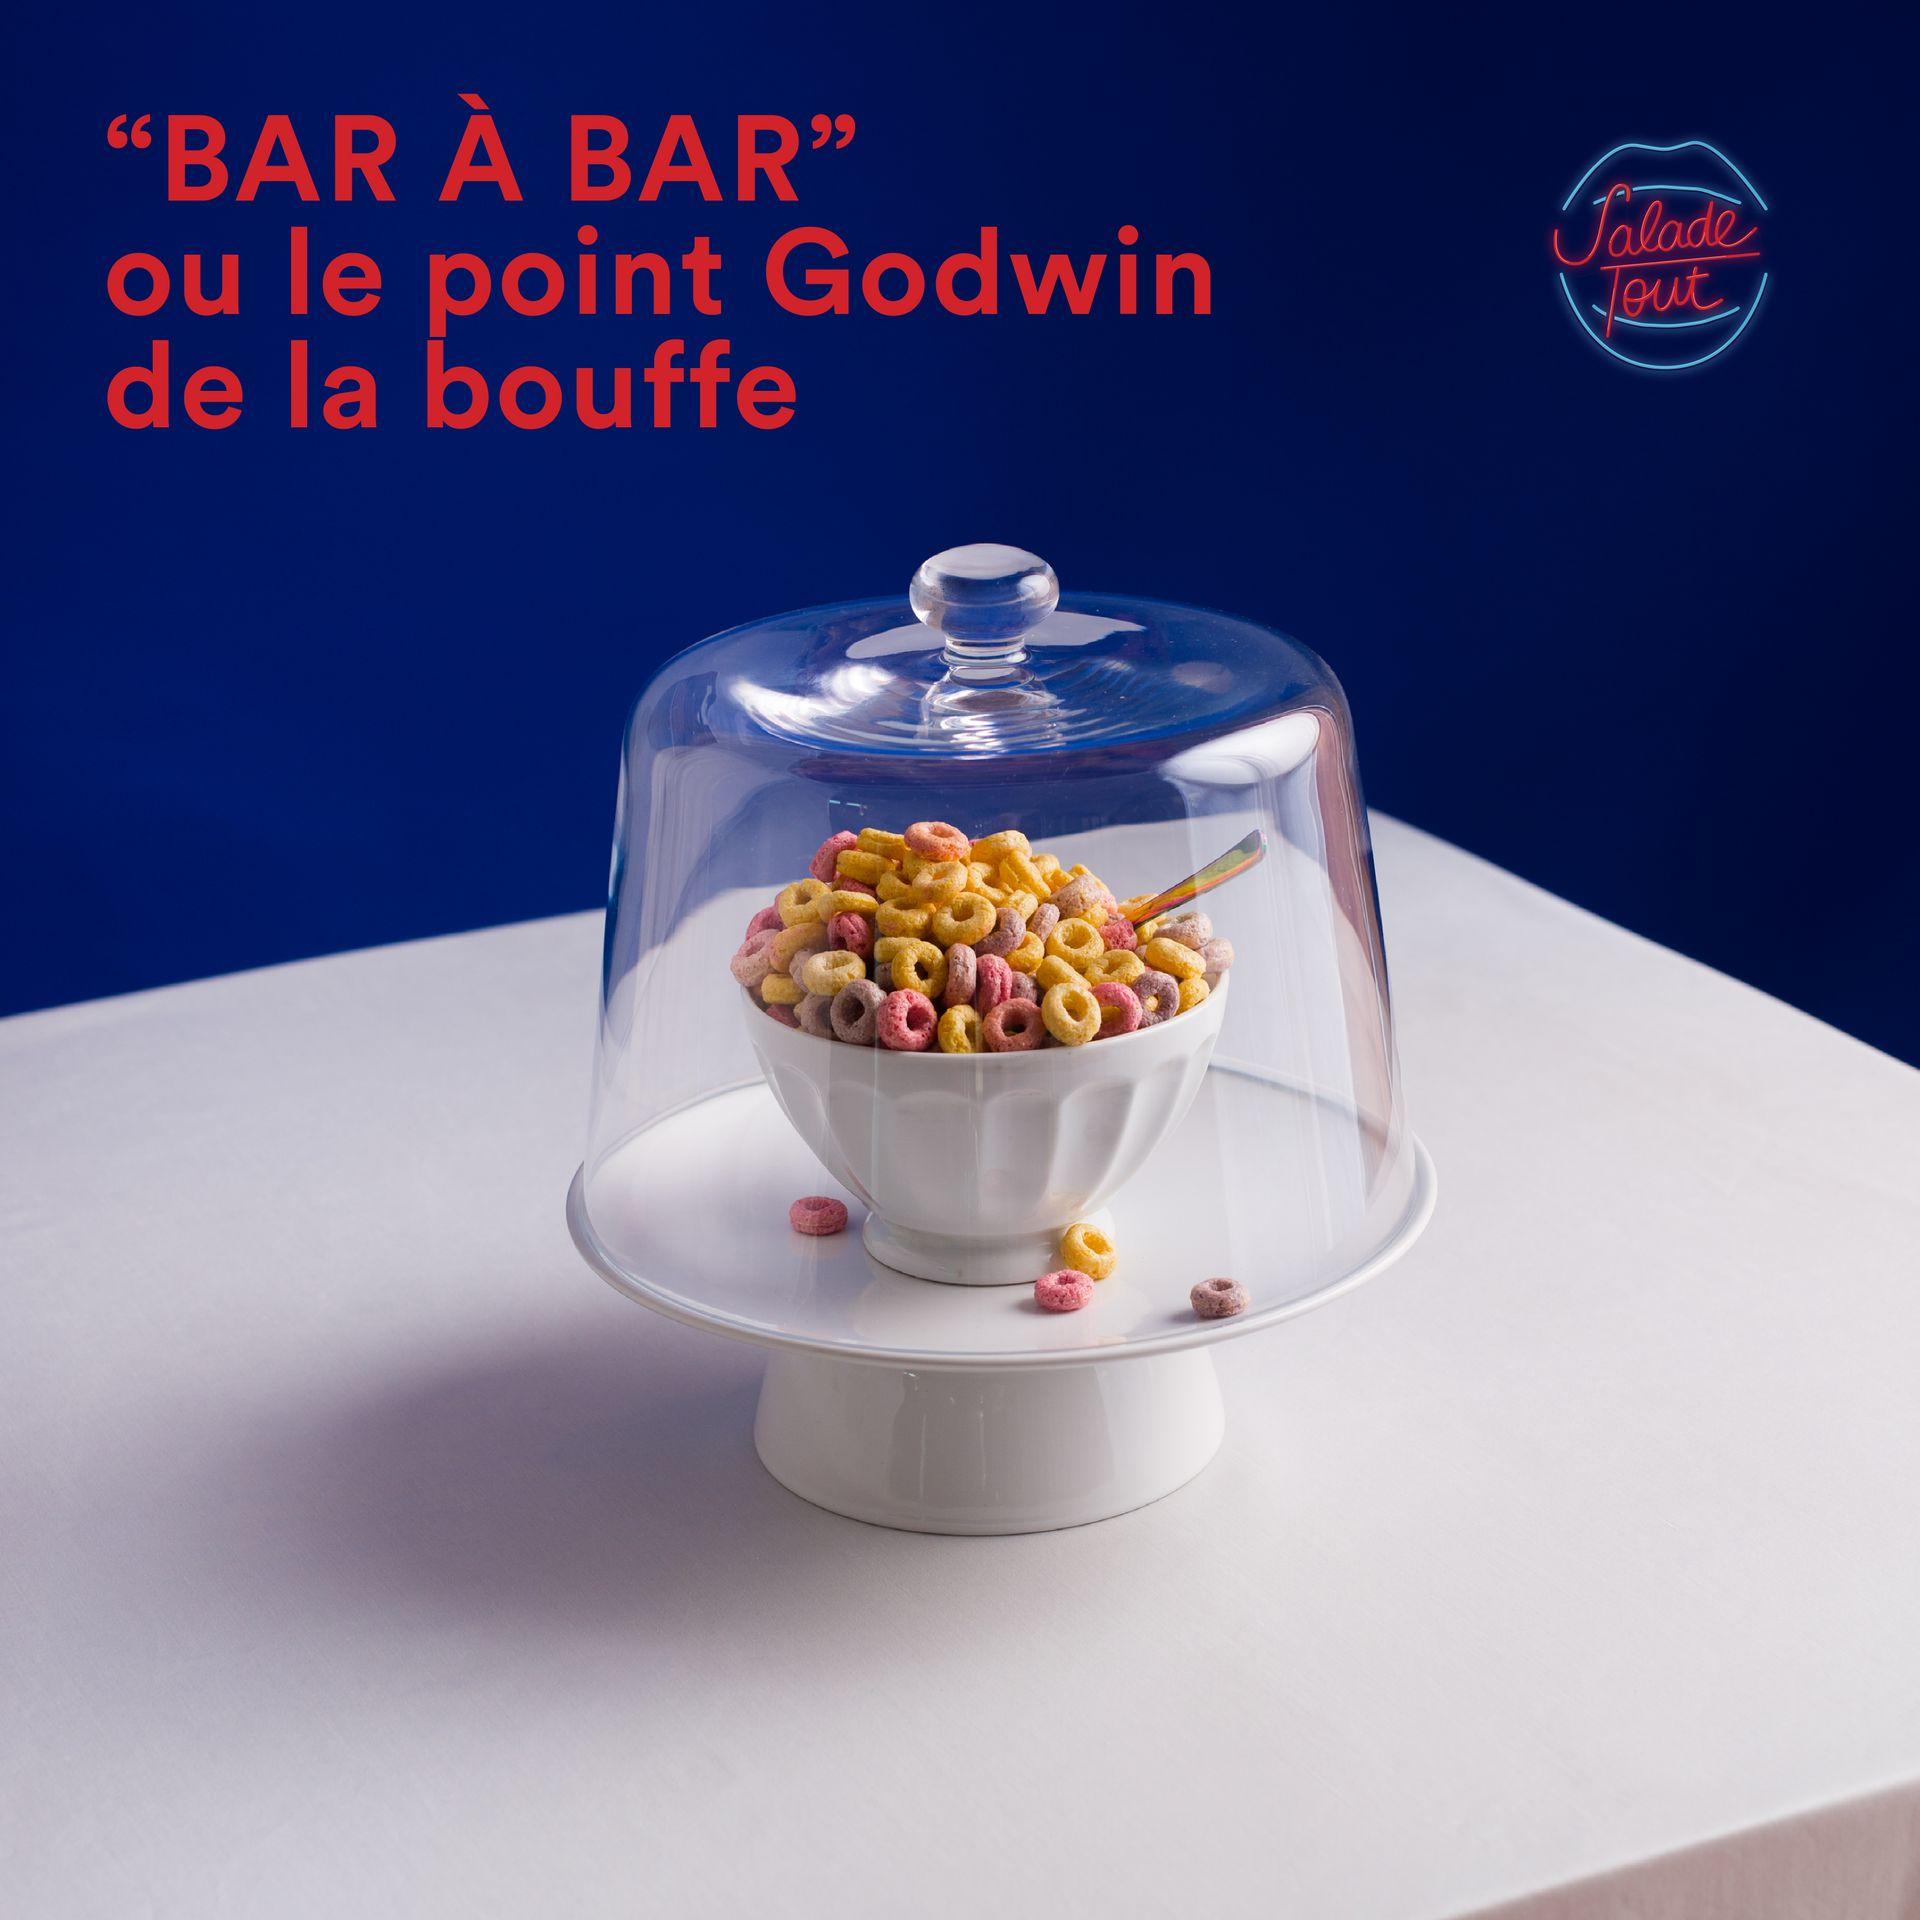 """Salade Tout #6 - """"BAR À BAR"""" ou le point Godwin de la bouffe - Episode 6"""